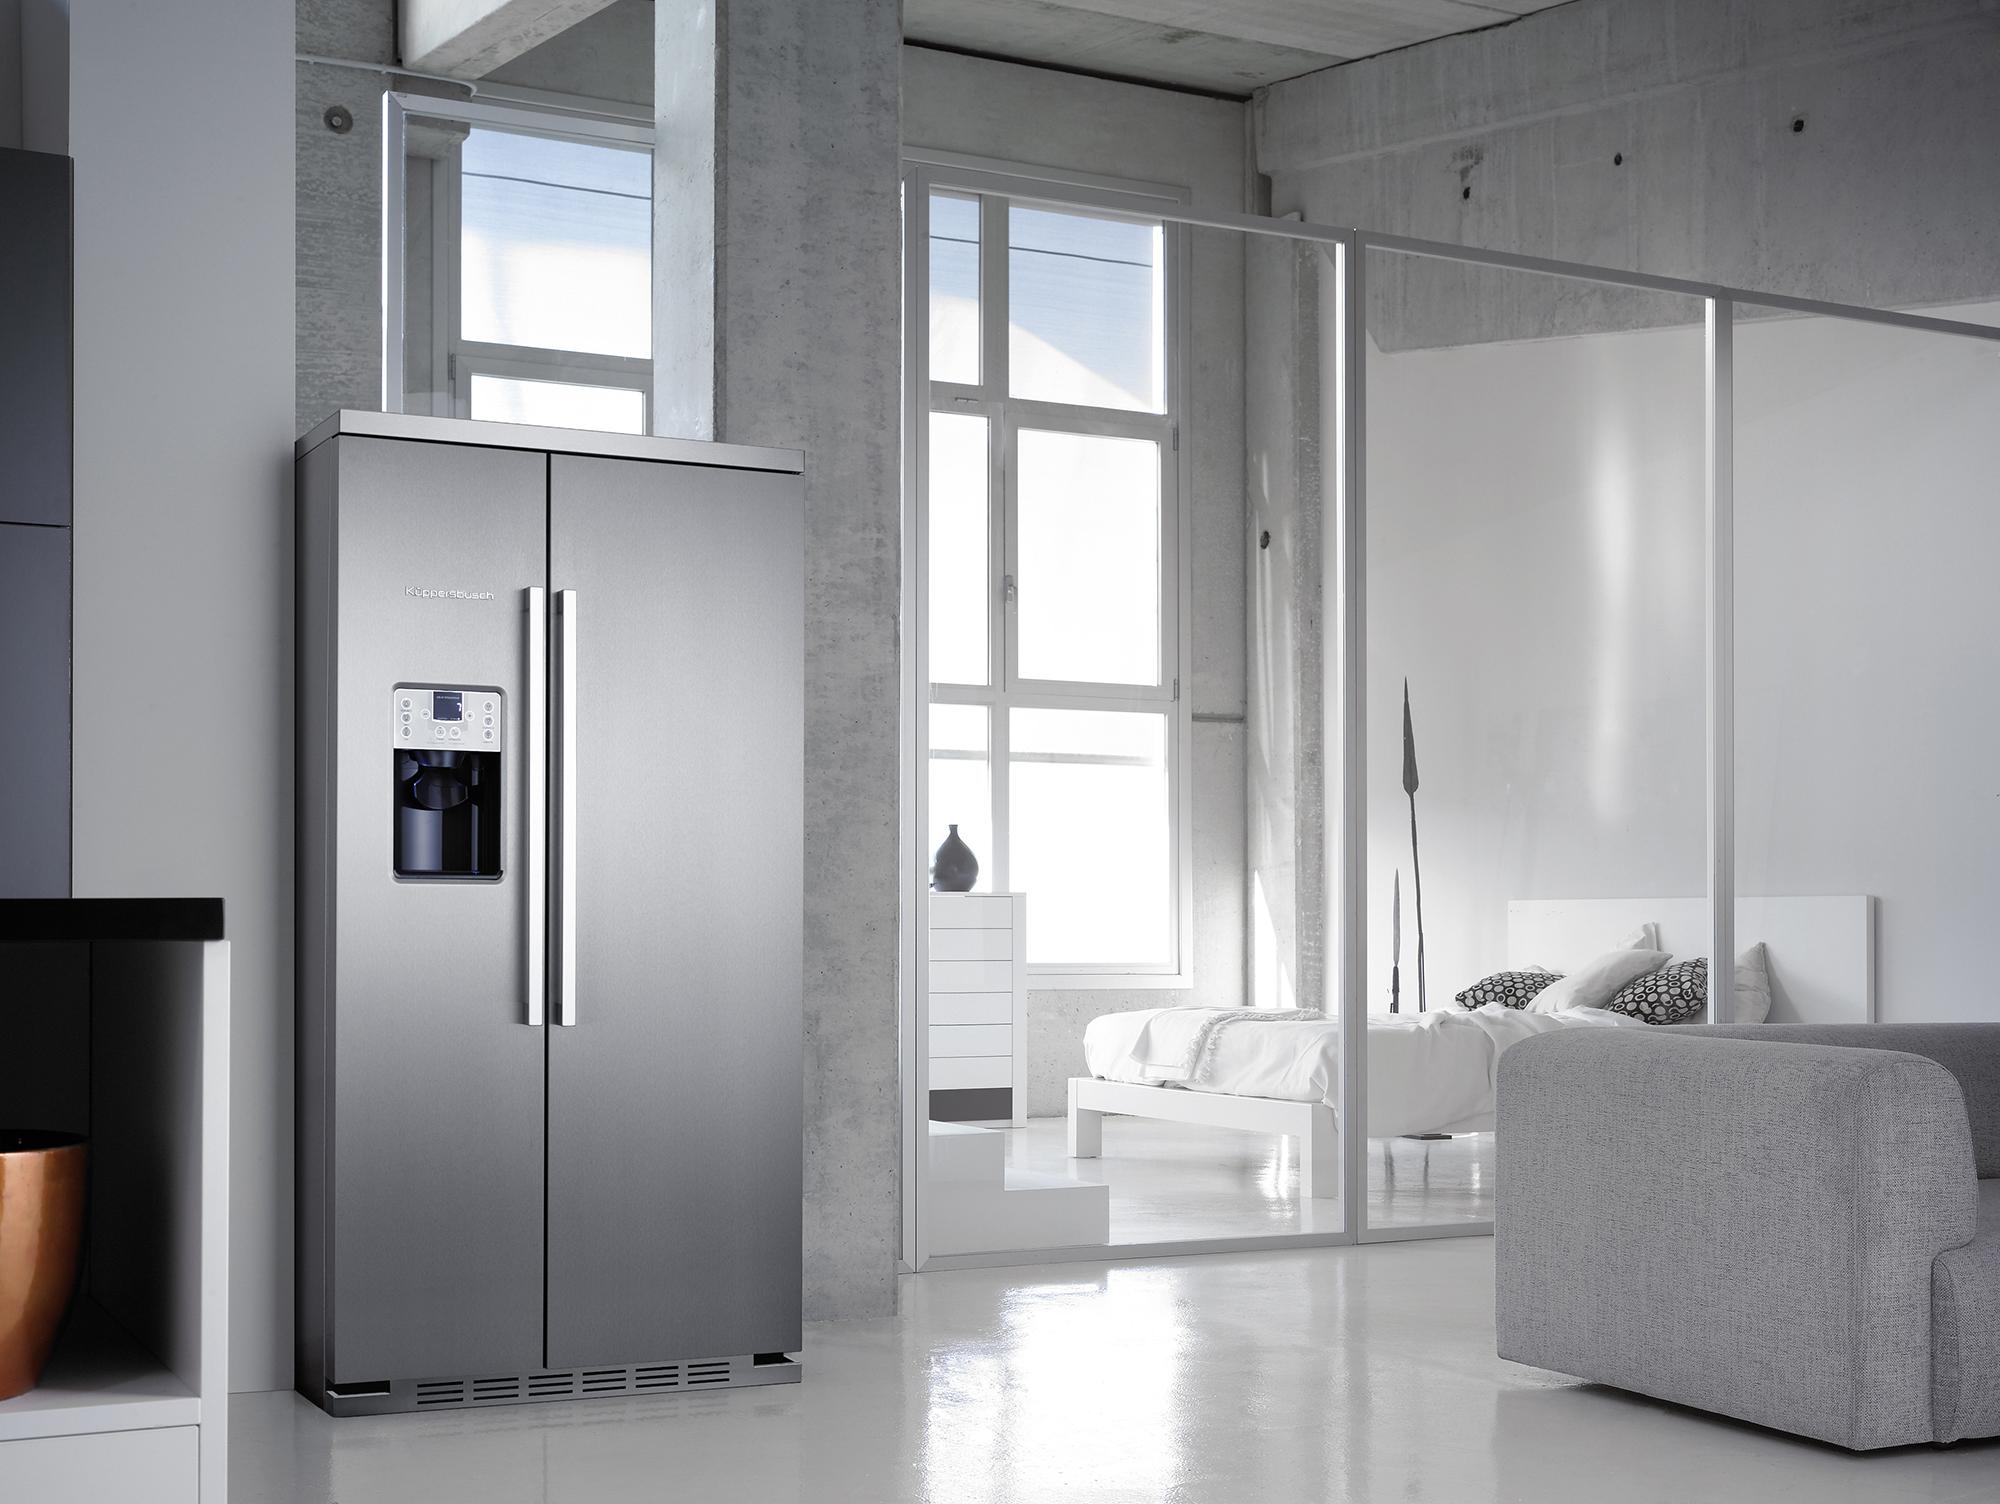 k ppersbusch k hl gefrierkombination ke 9750 0 2t. Black Bedroom Furniture Sets. Home Design Ideas